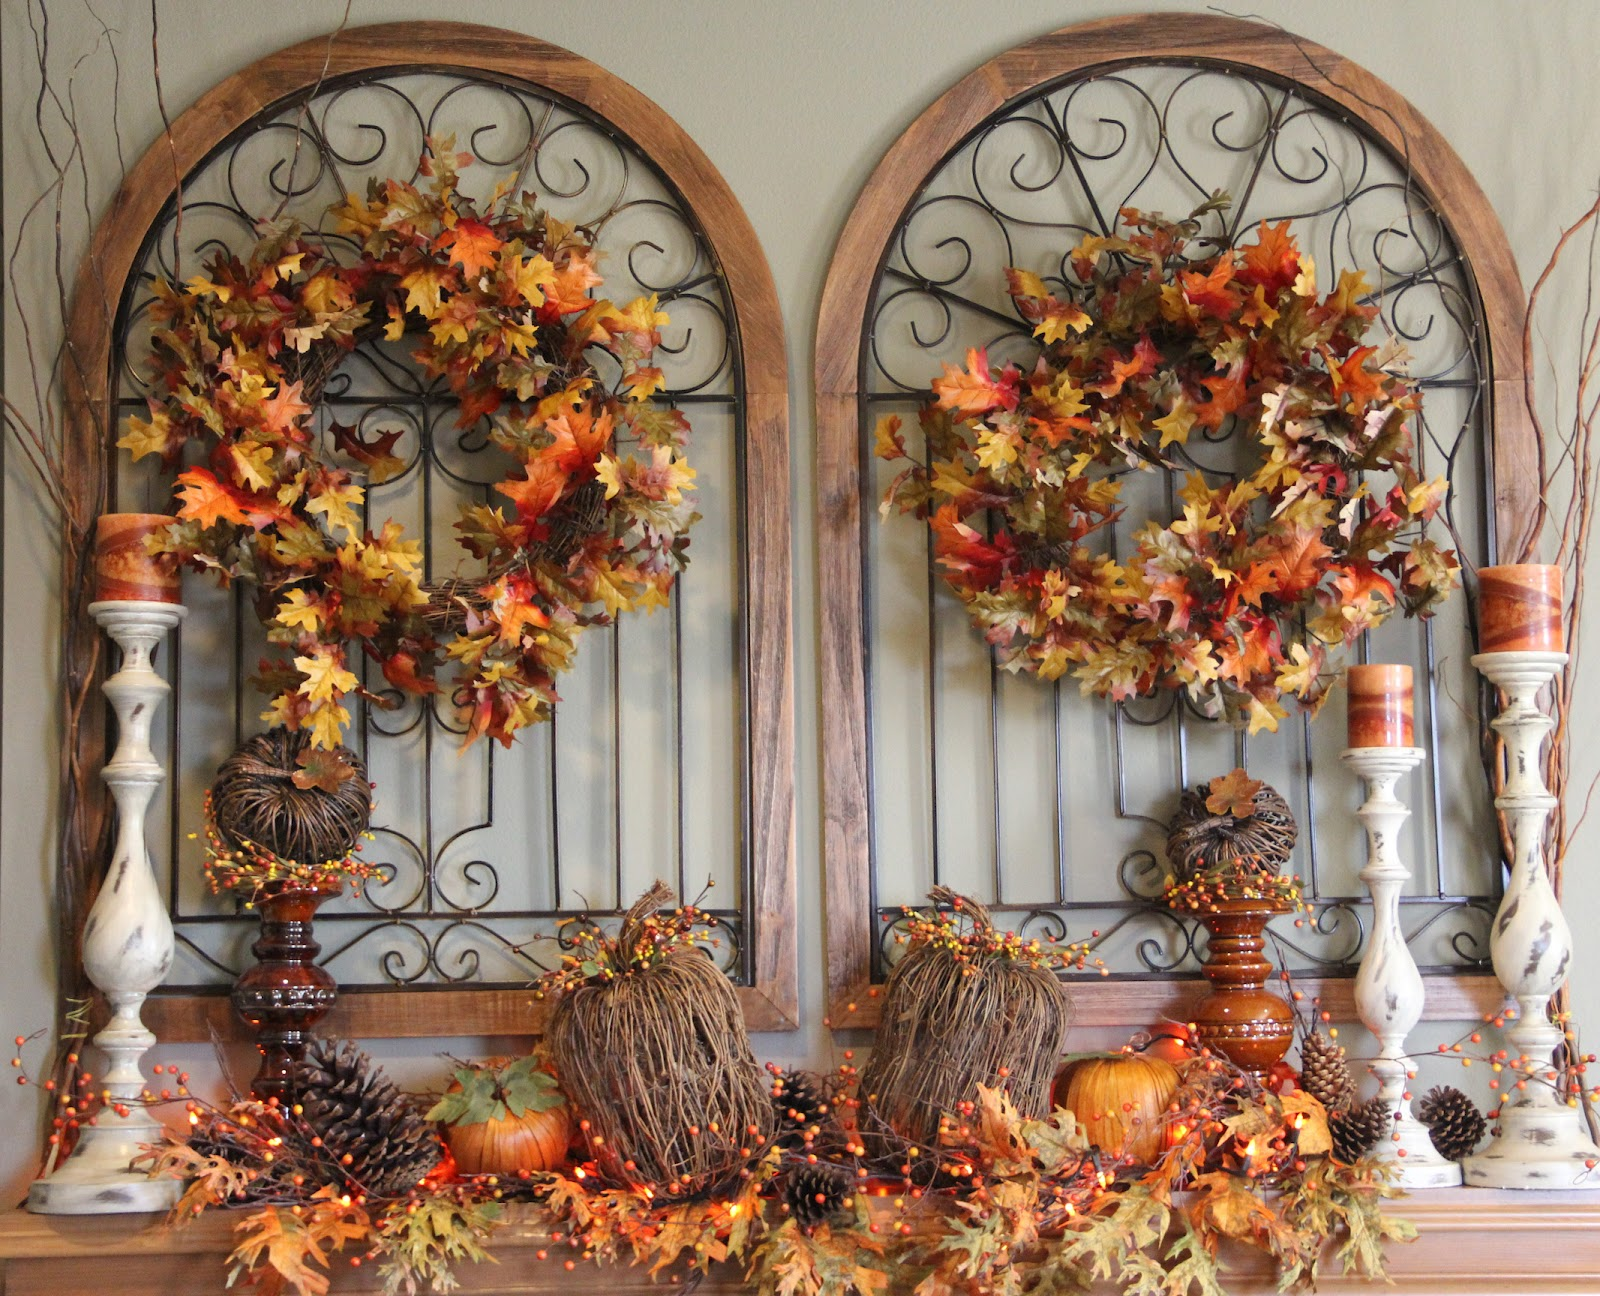 Rustic Doors & Autumn Decor